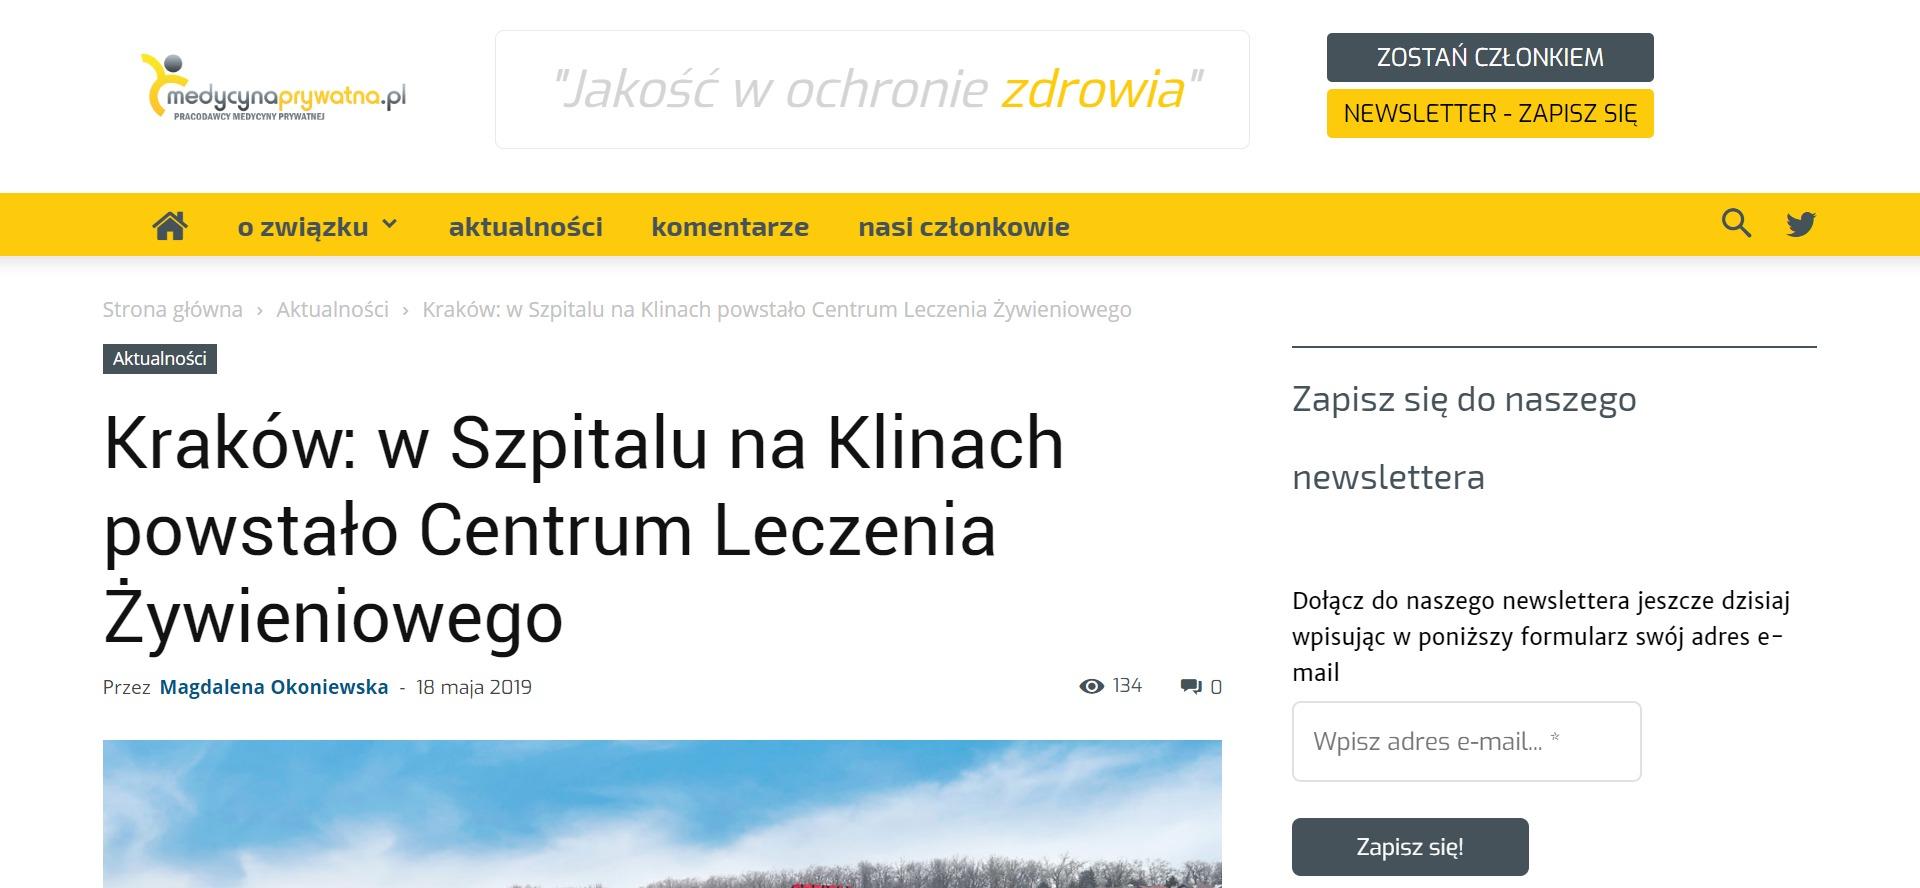 Kraków w Szpitalu na Klinach powstało Centrum Leczenia Żywieniowego